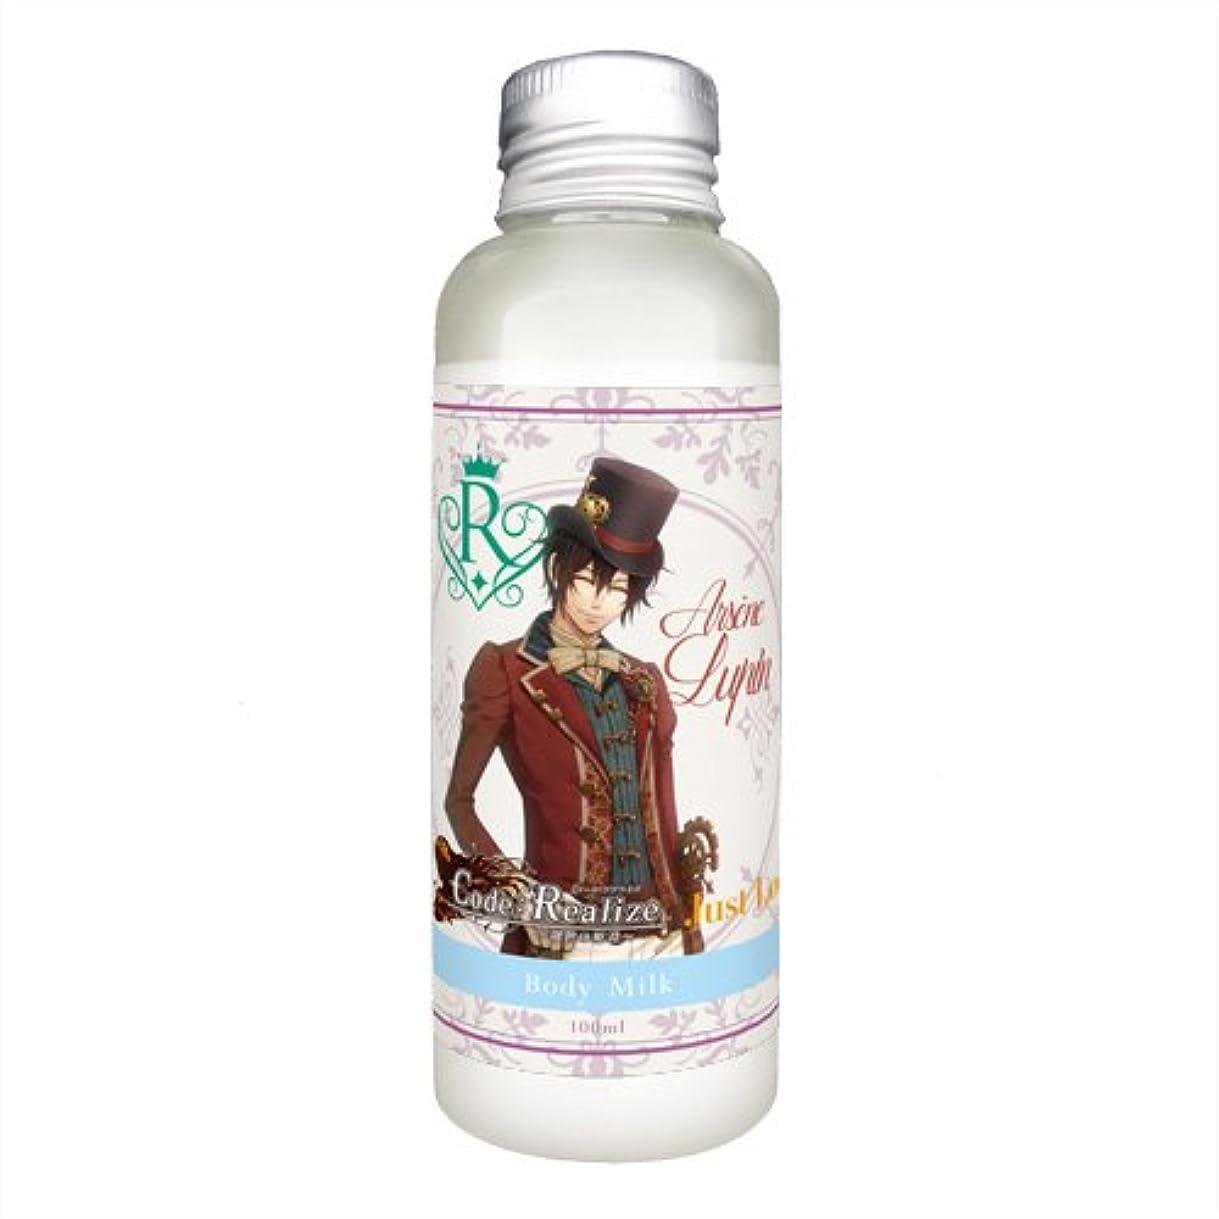 お酒カブ賞賛ROMANTICAボディミルクローション Code:Realize ルパン